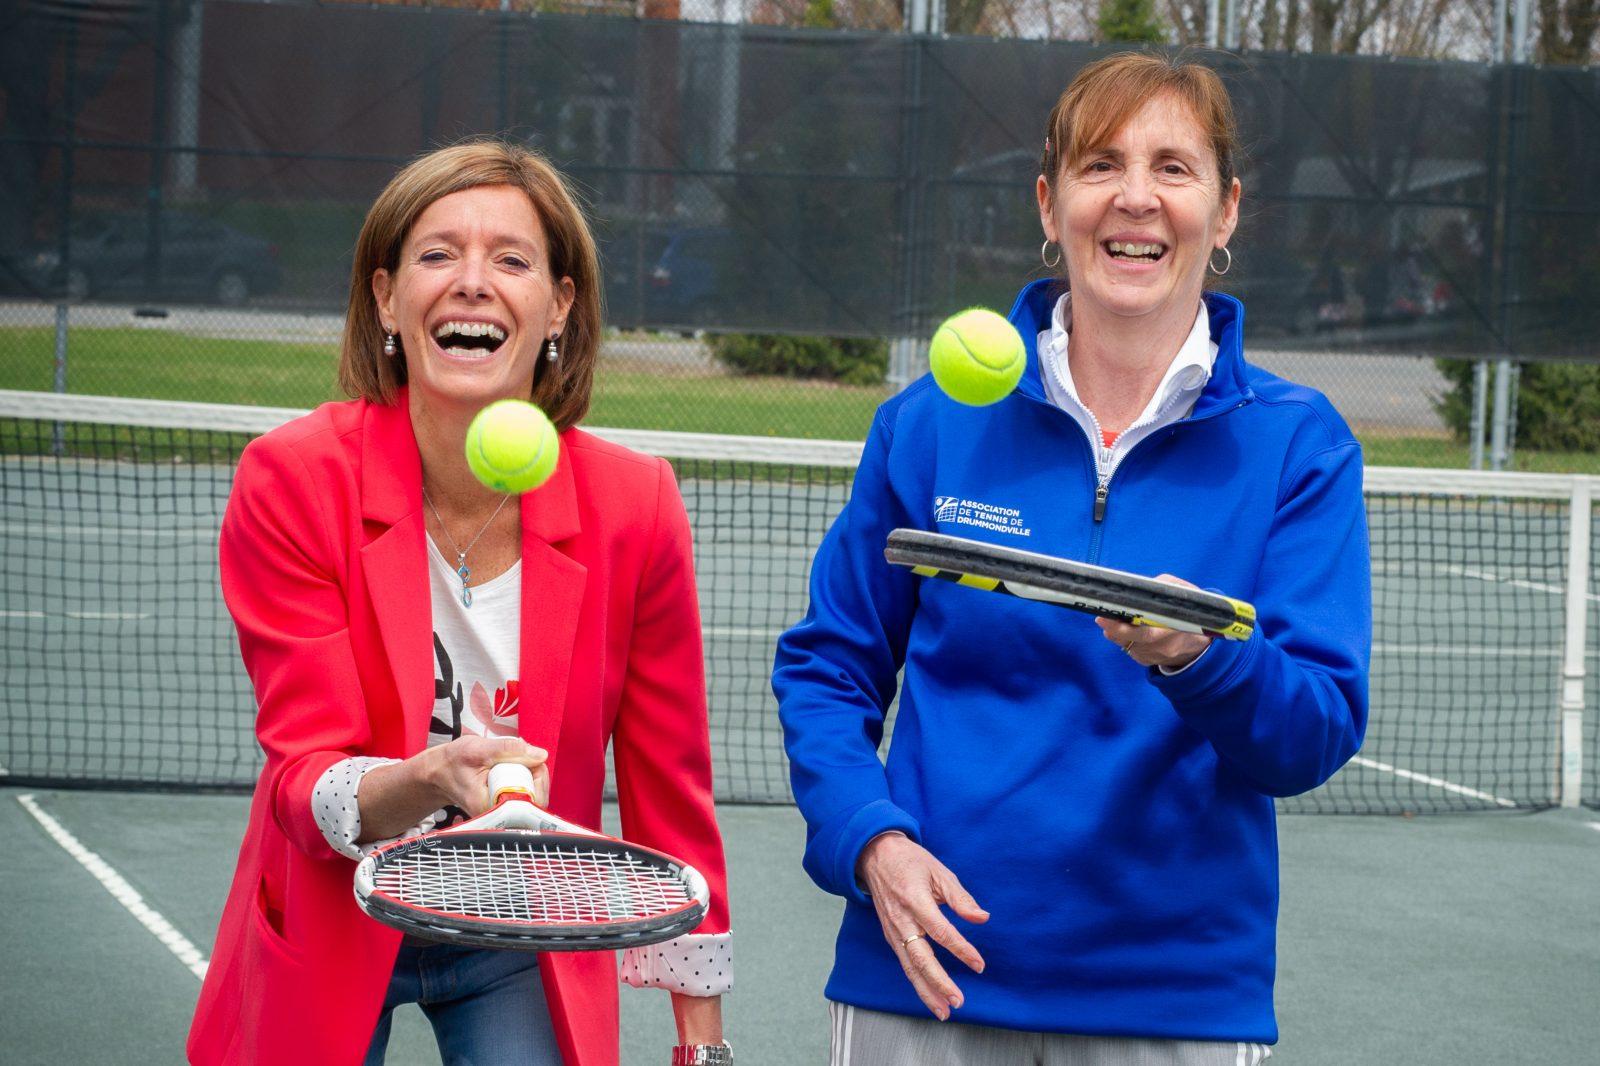 «Le tennis, c'est pour tout le monde» – Anne Veillette